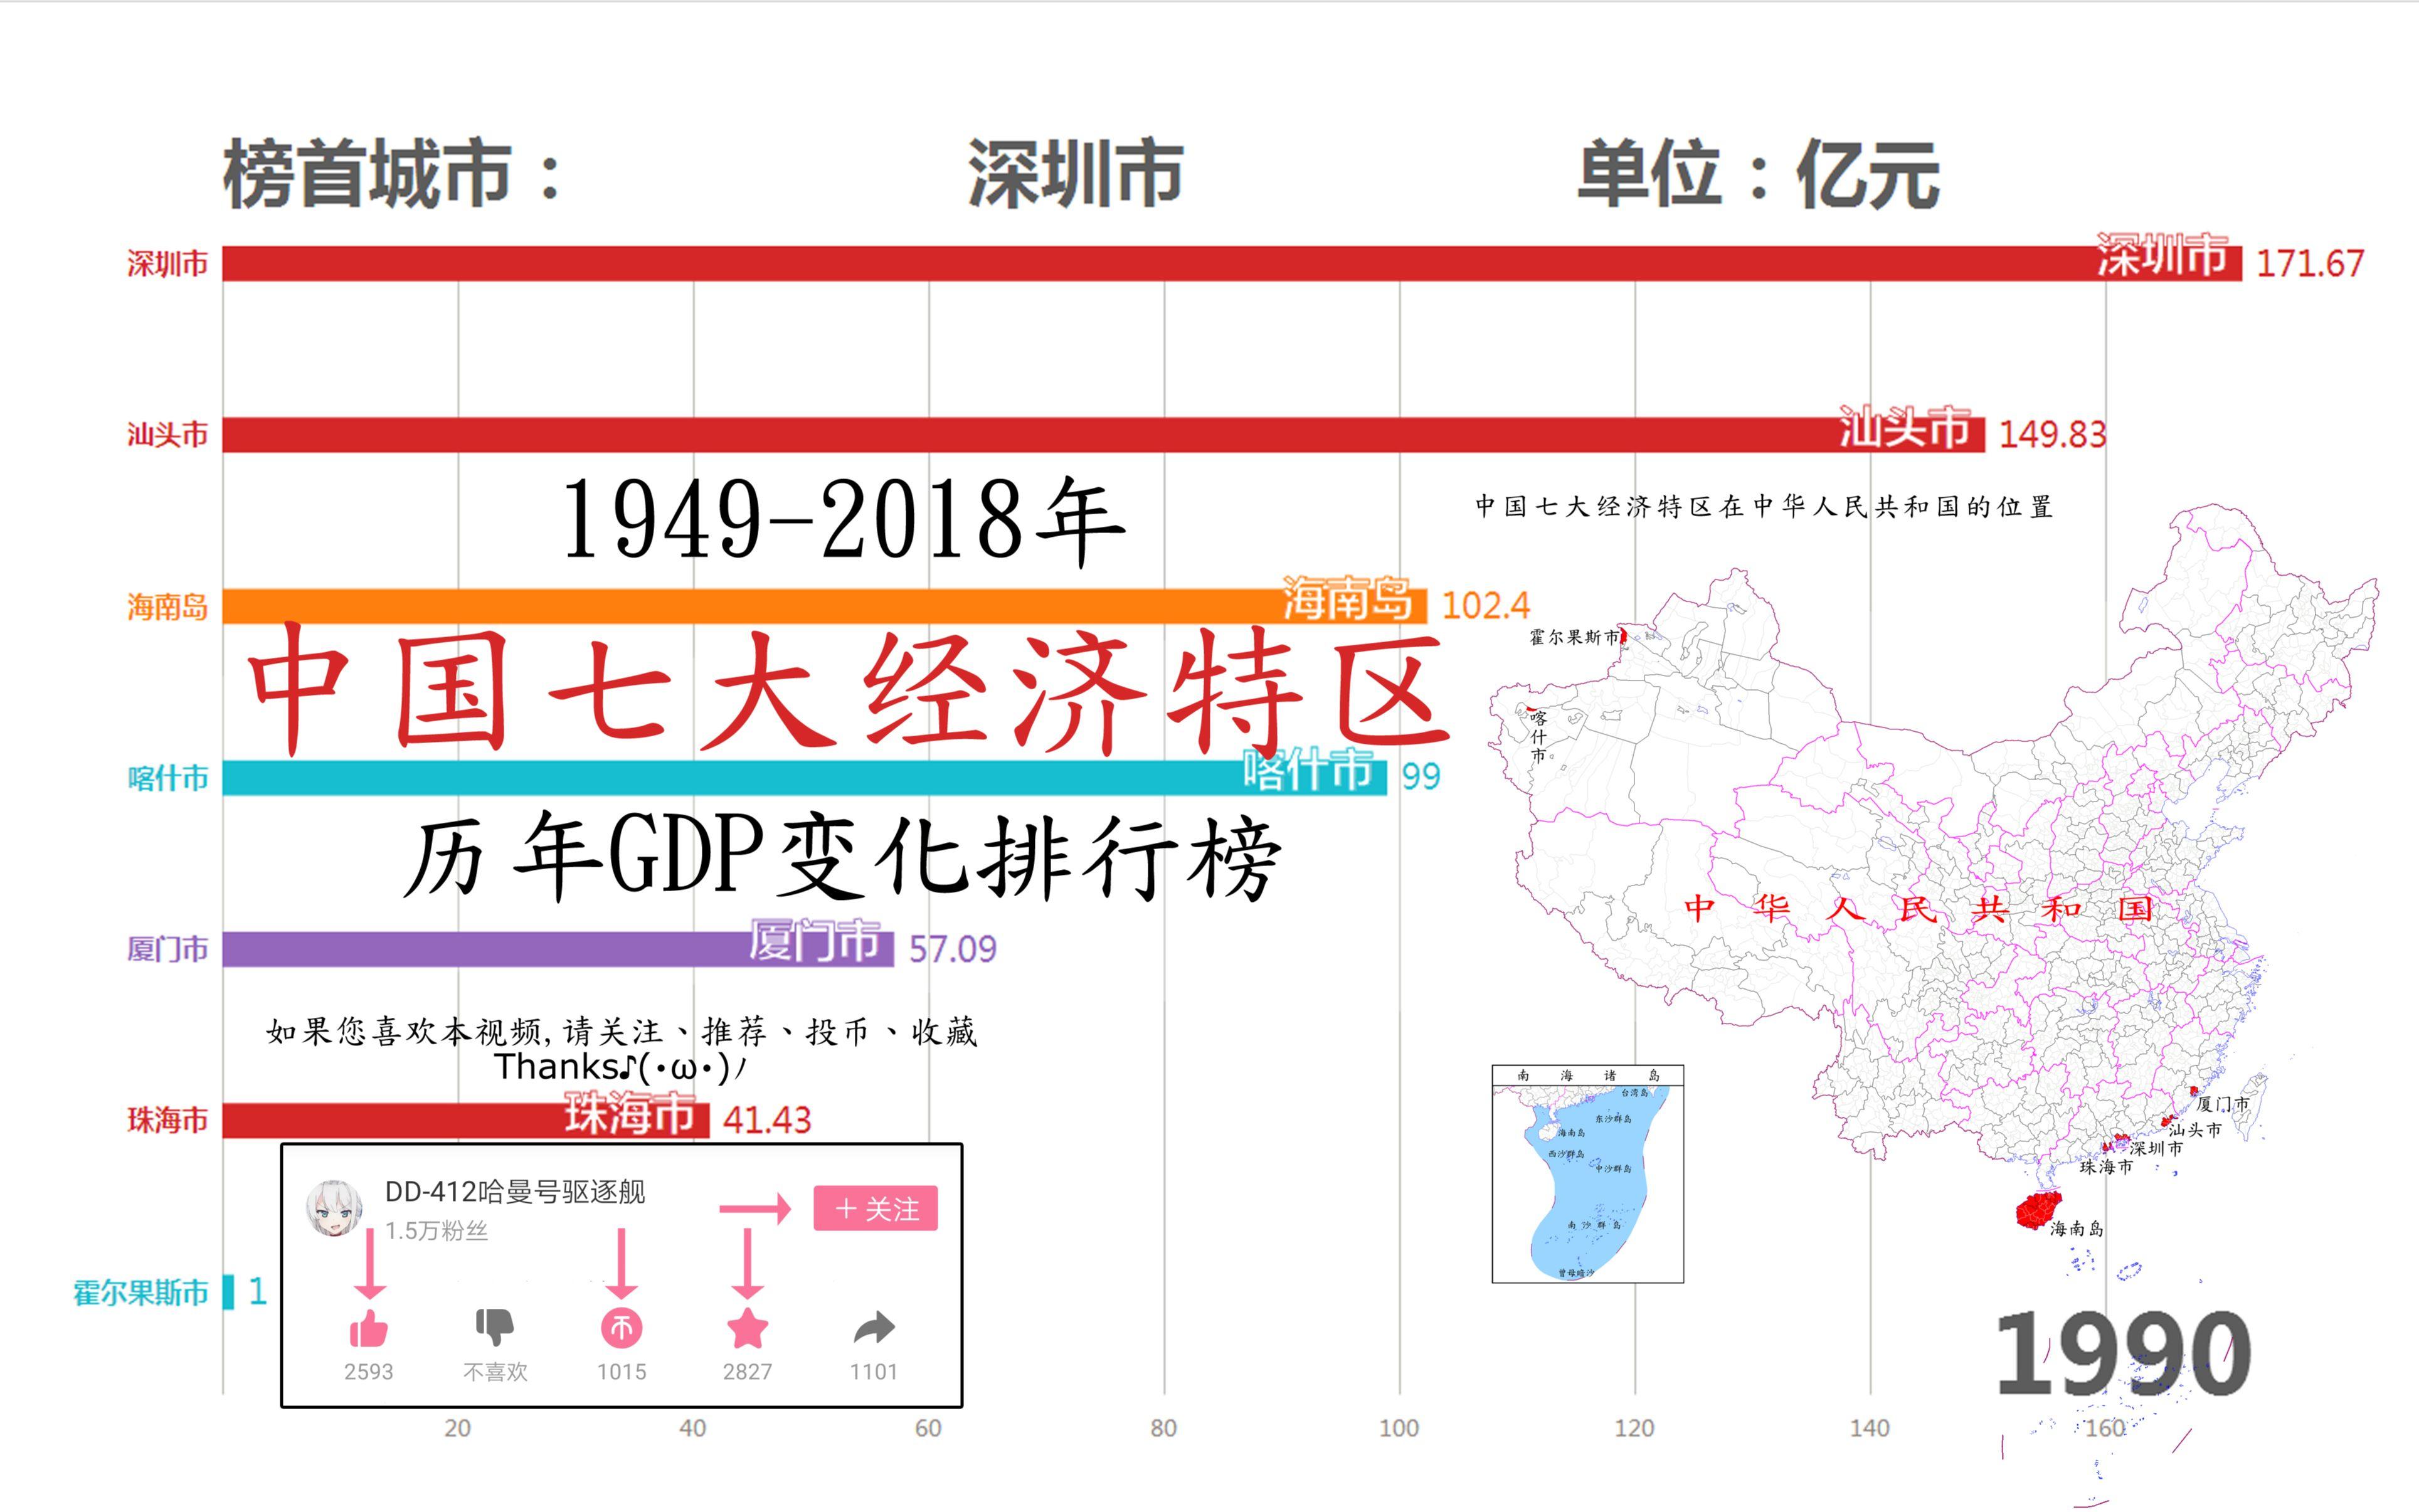 1990年中国人均gdp_中国七大经济特区历年GDP变化排行榜(1949年-2018年)【数据可 ...